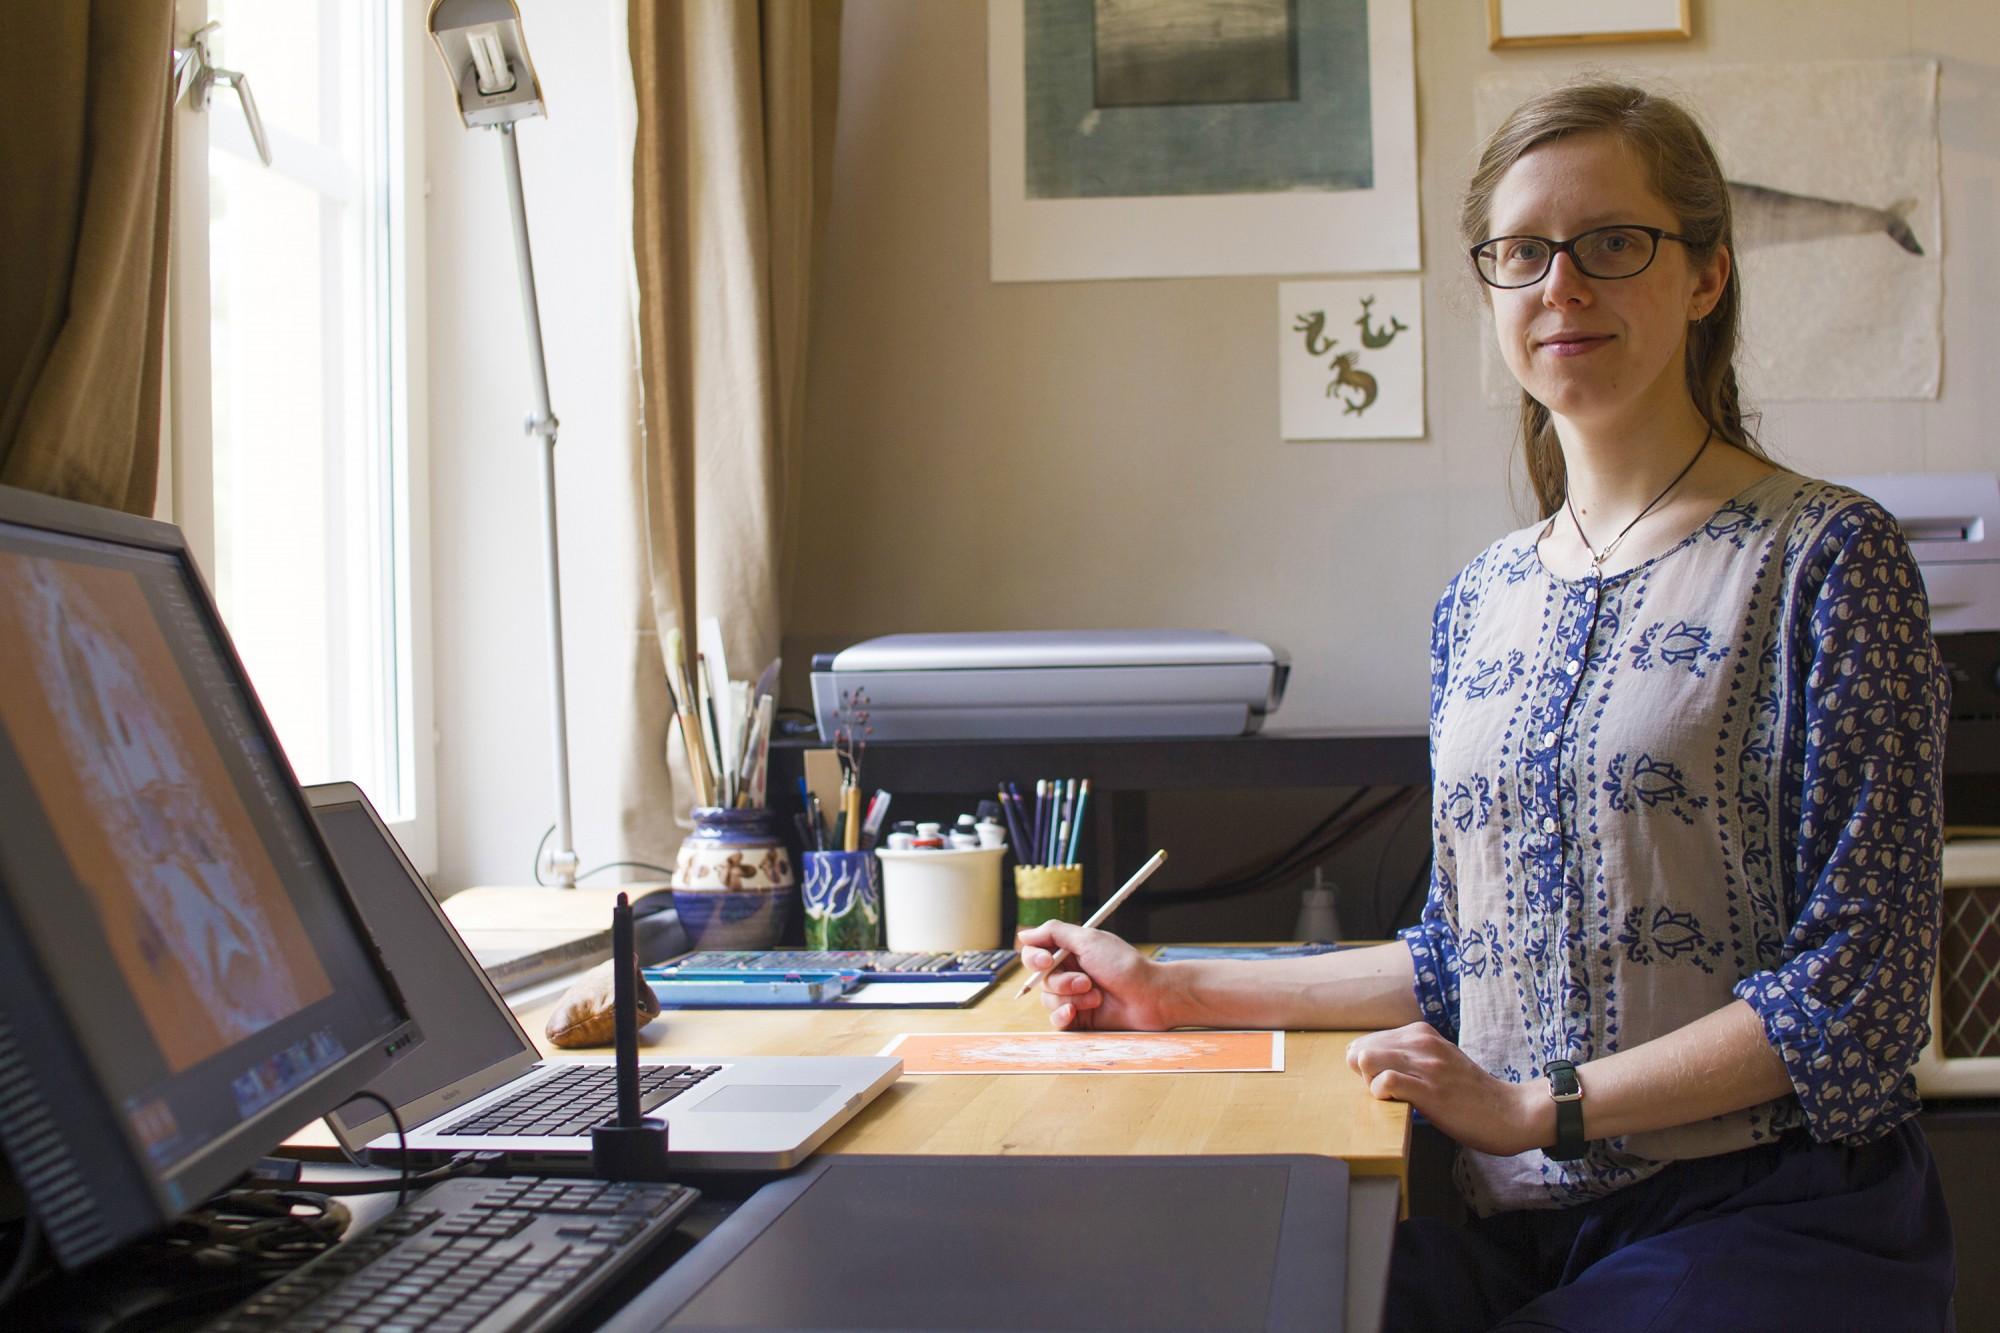 Monika in her studio